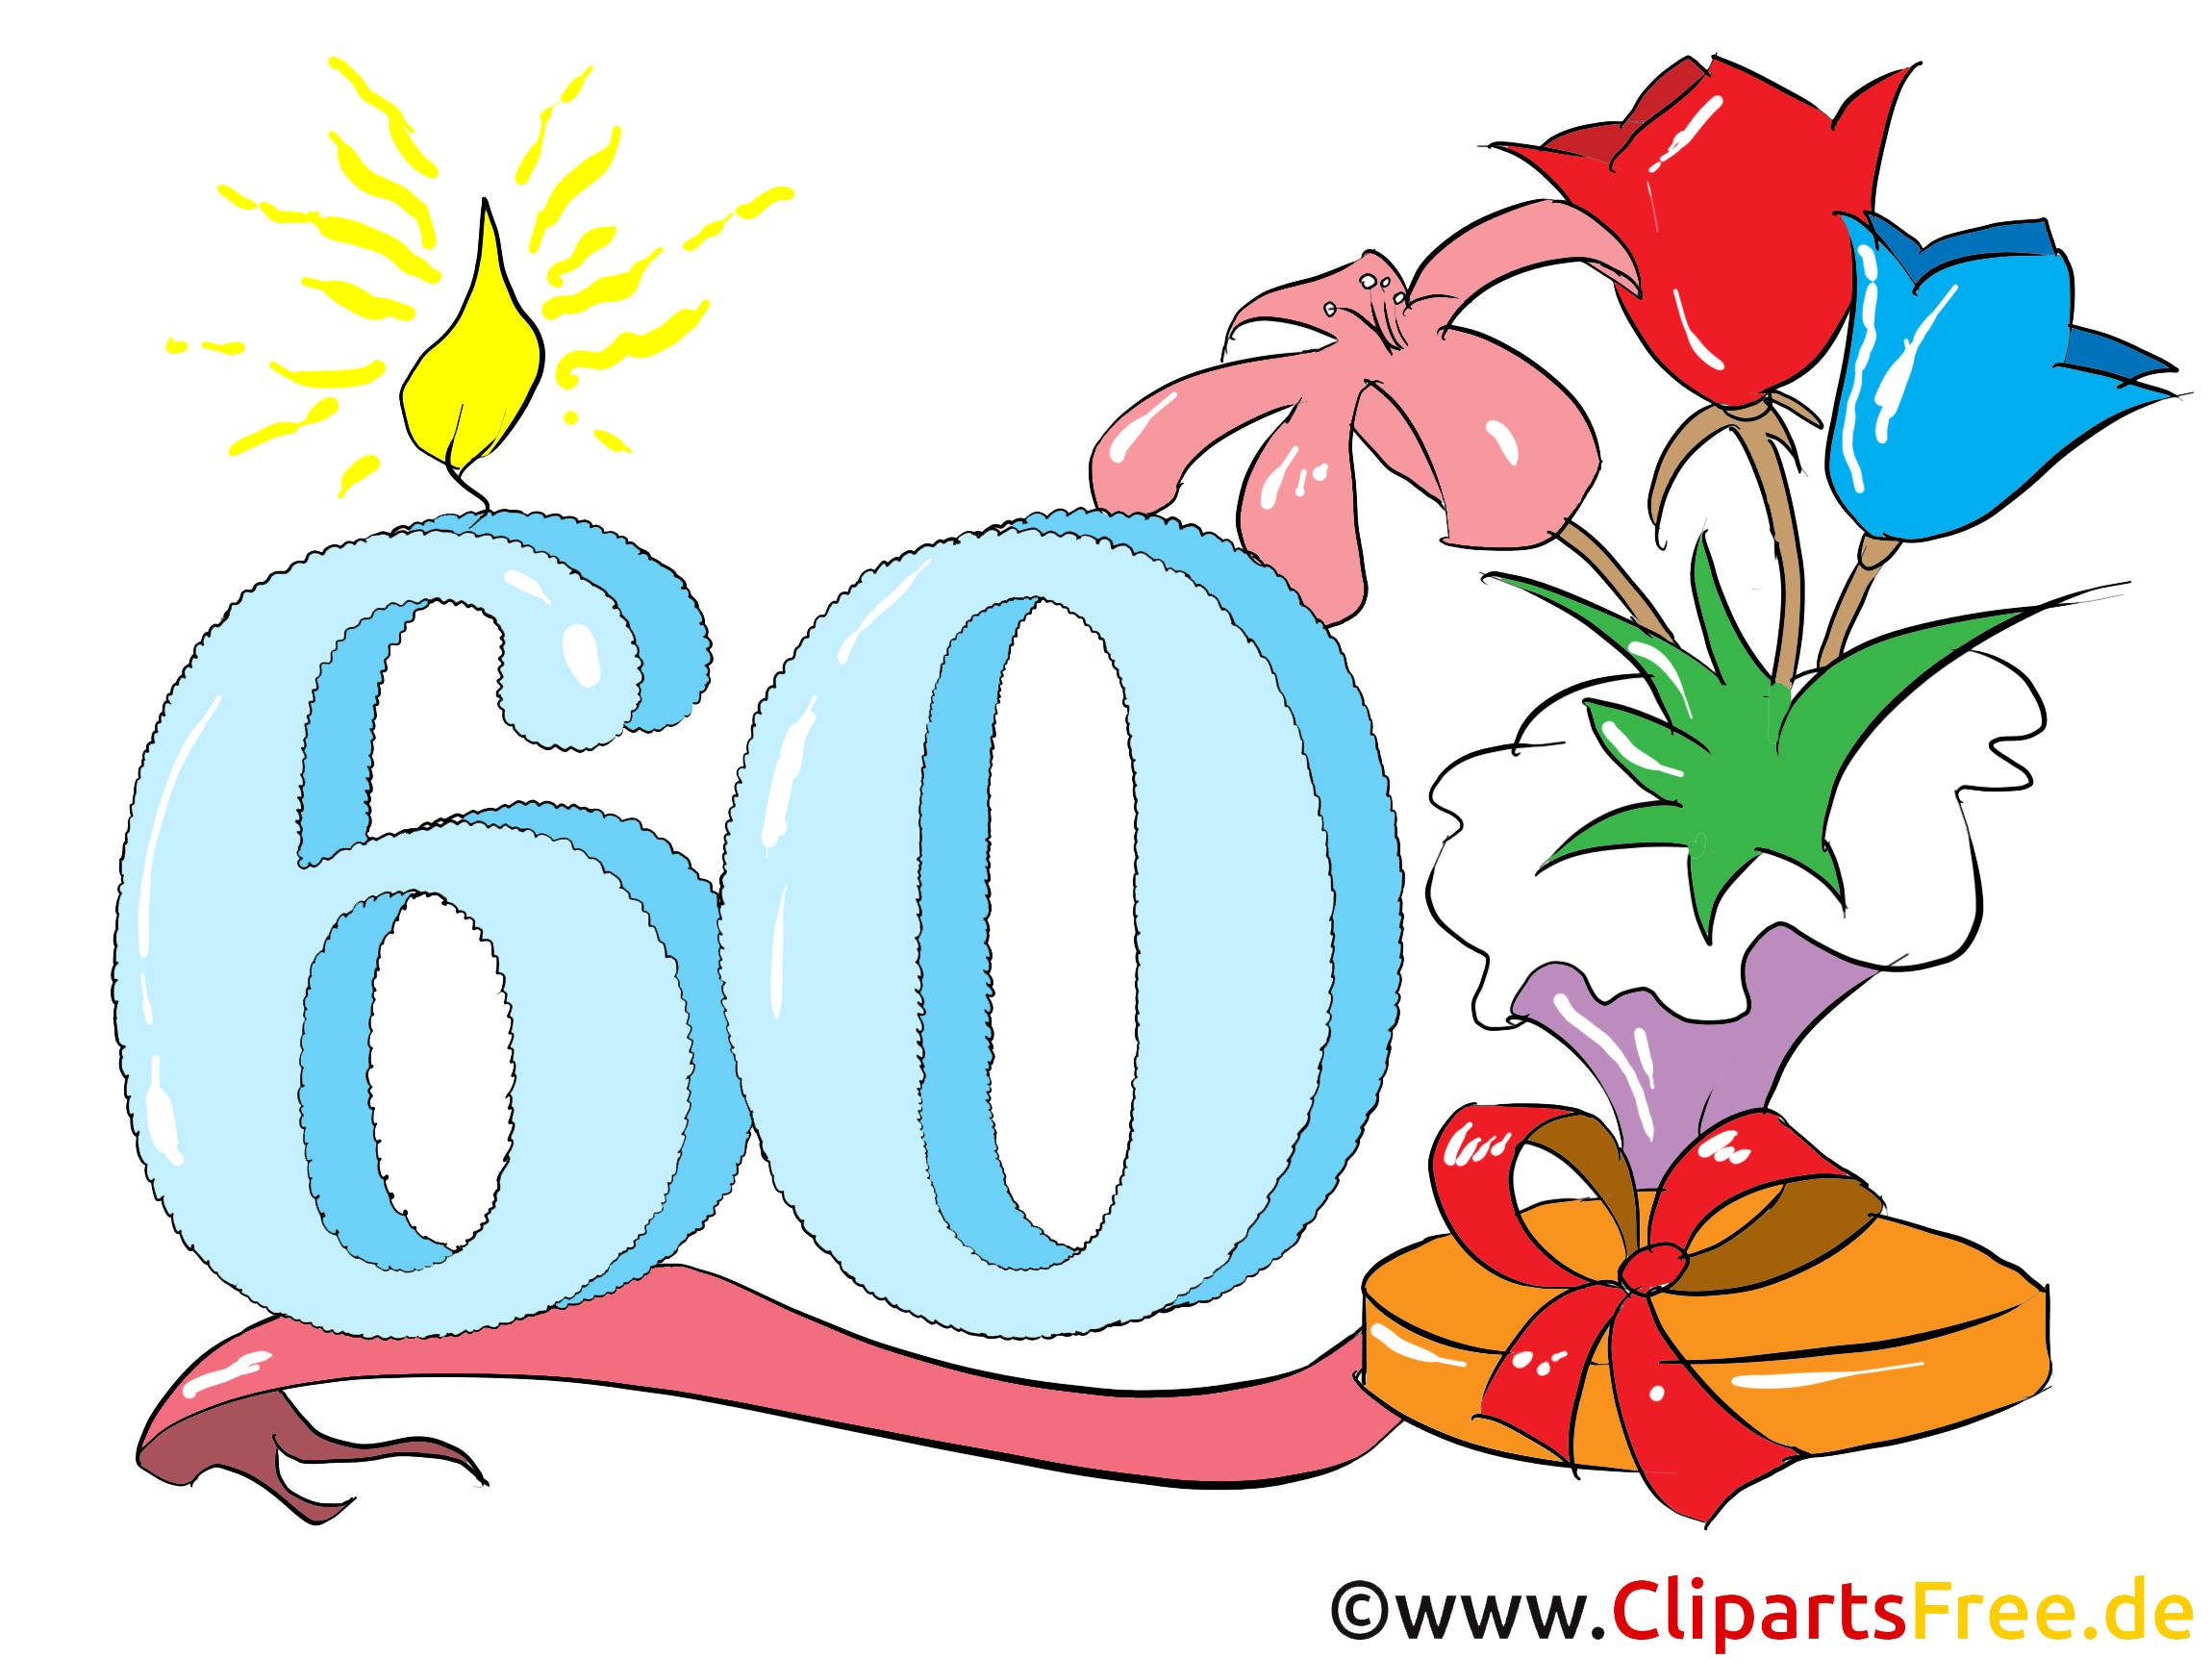 Zum 60. Geburtstag Clipart, Glückwunsch, Einladung für Cliparts Geburtstag Kostenlos